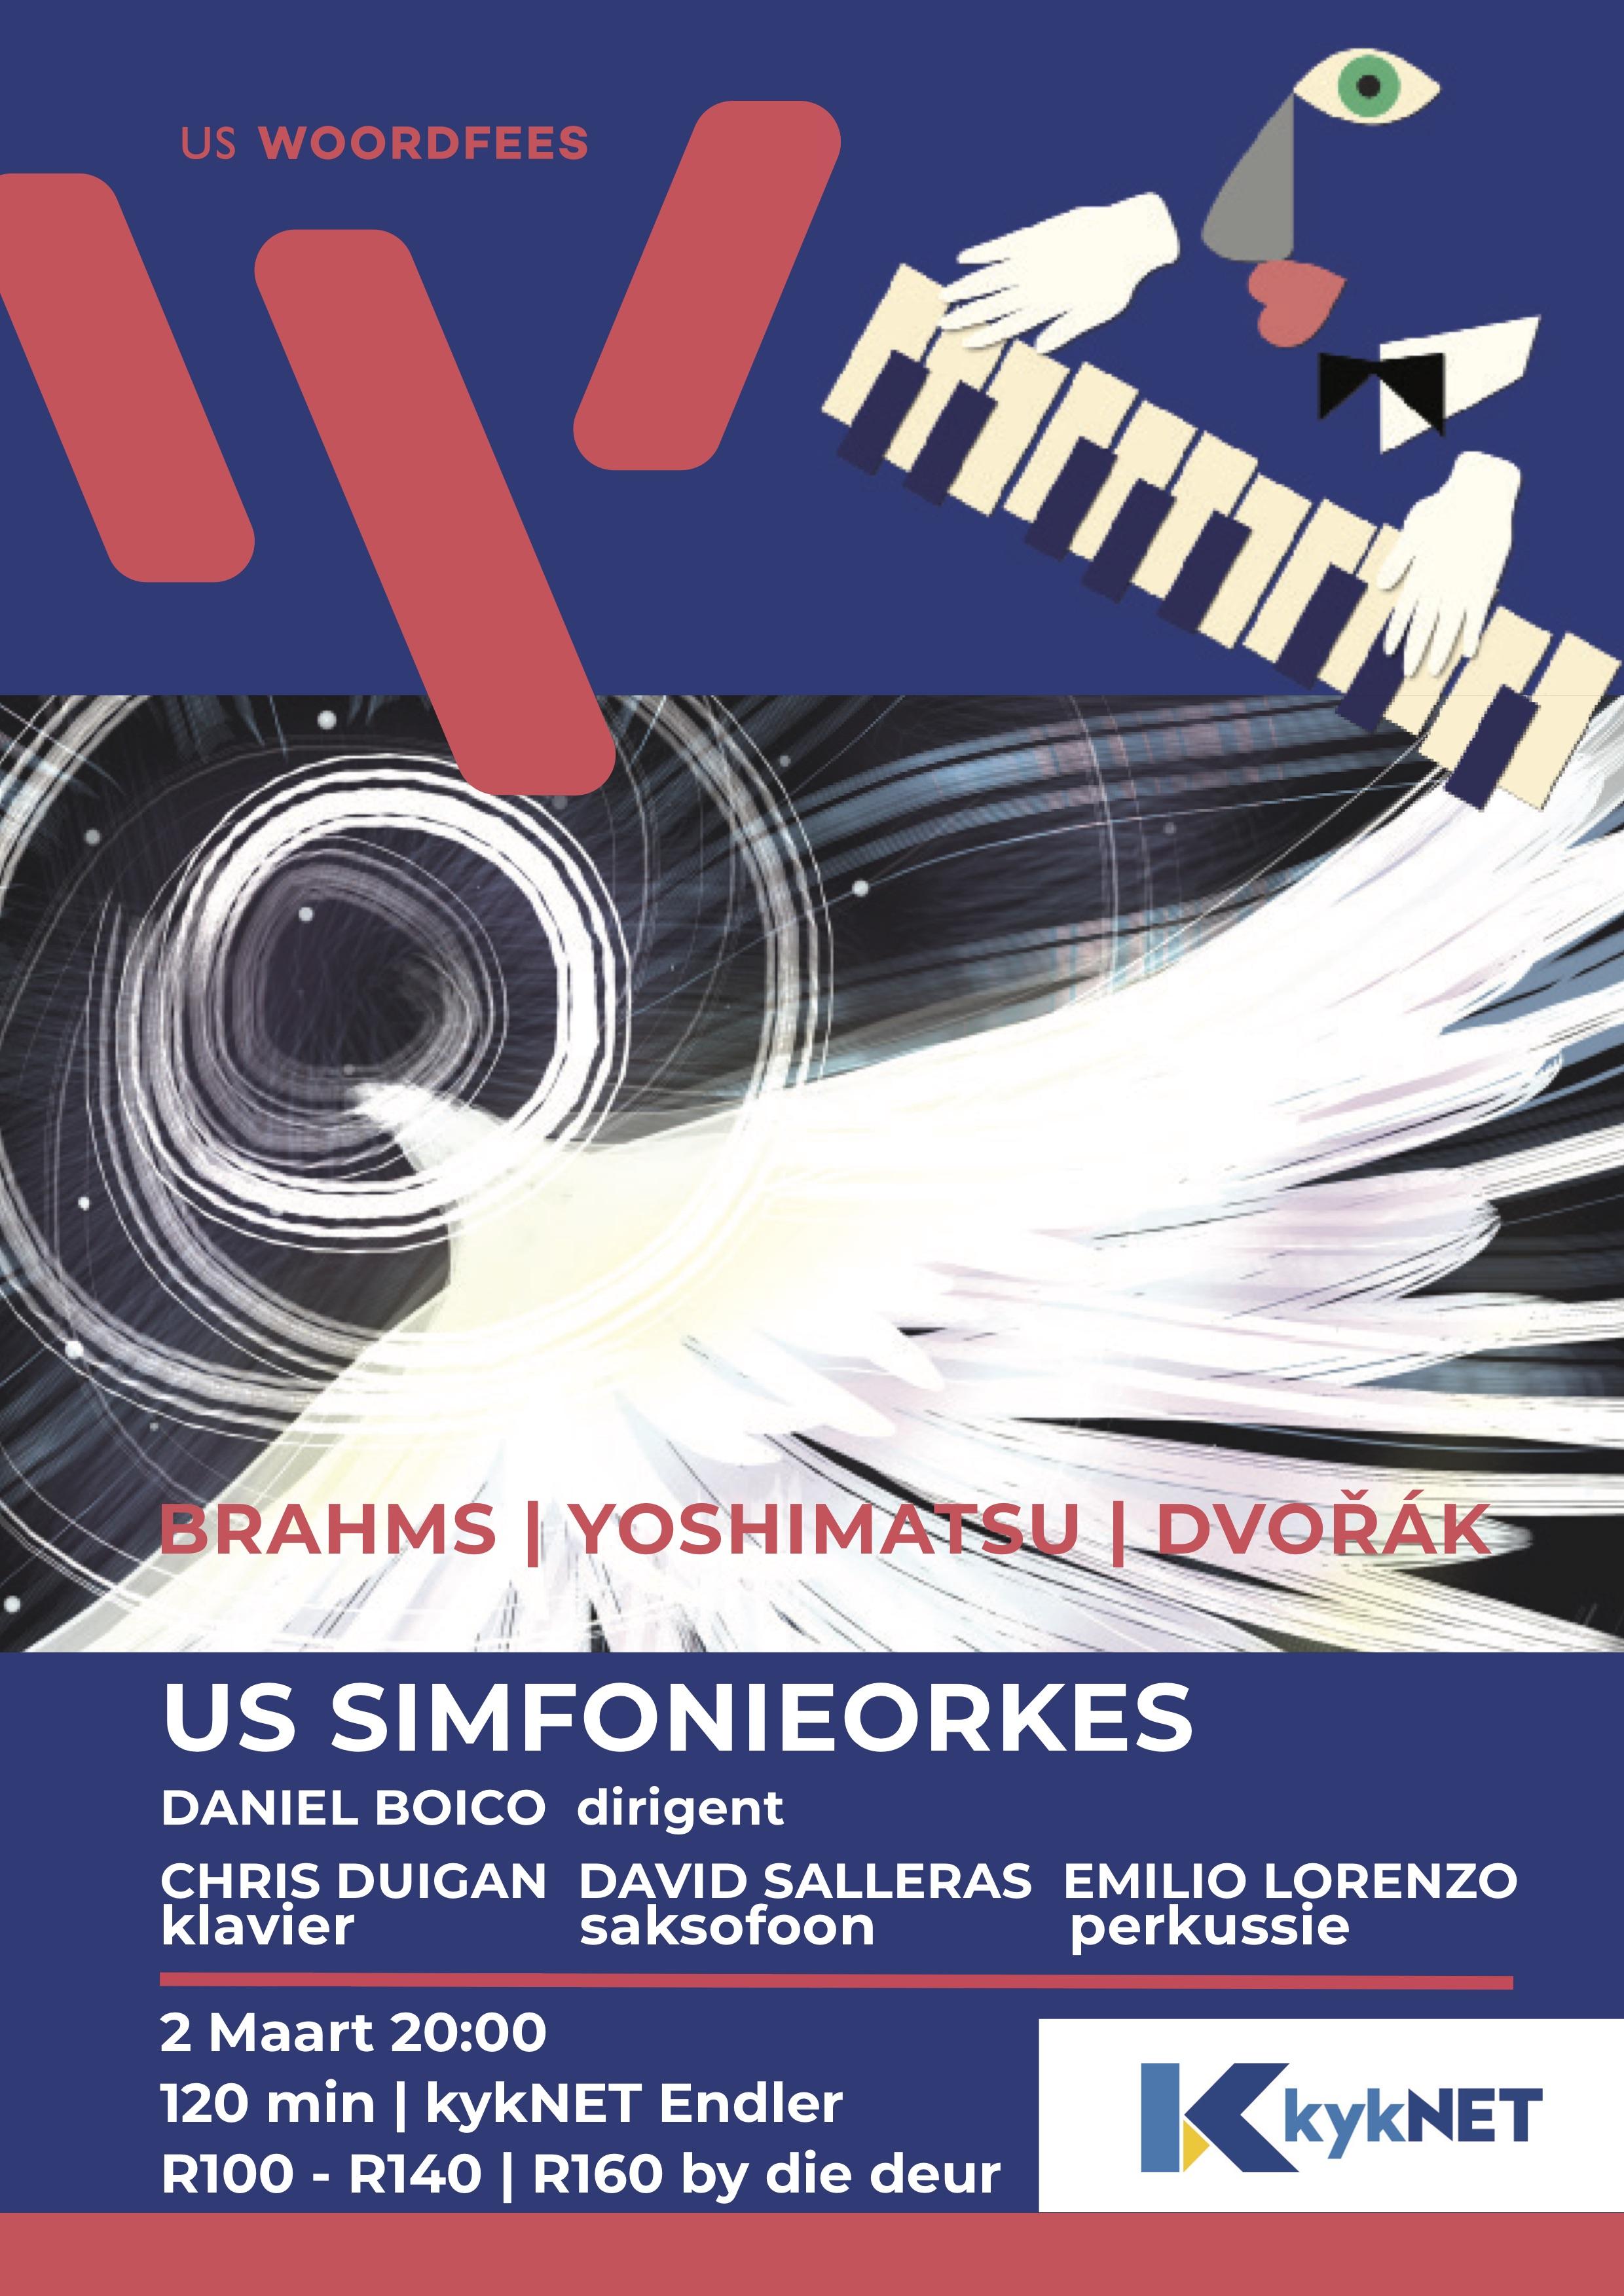 US Simfonieorkes copy.jpg